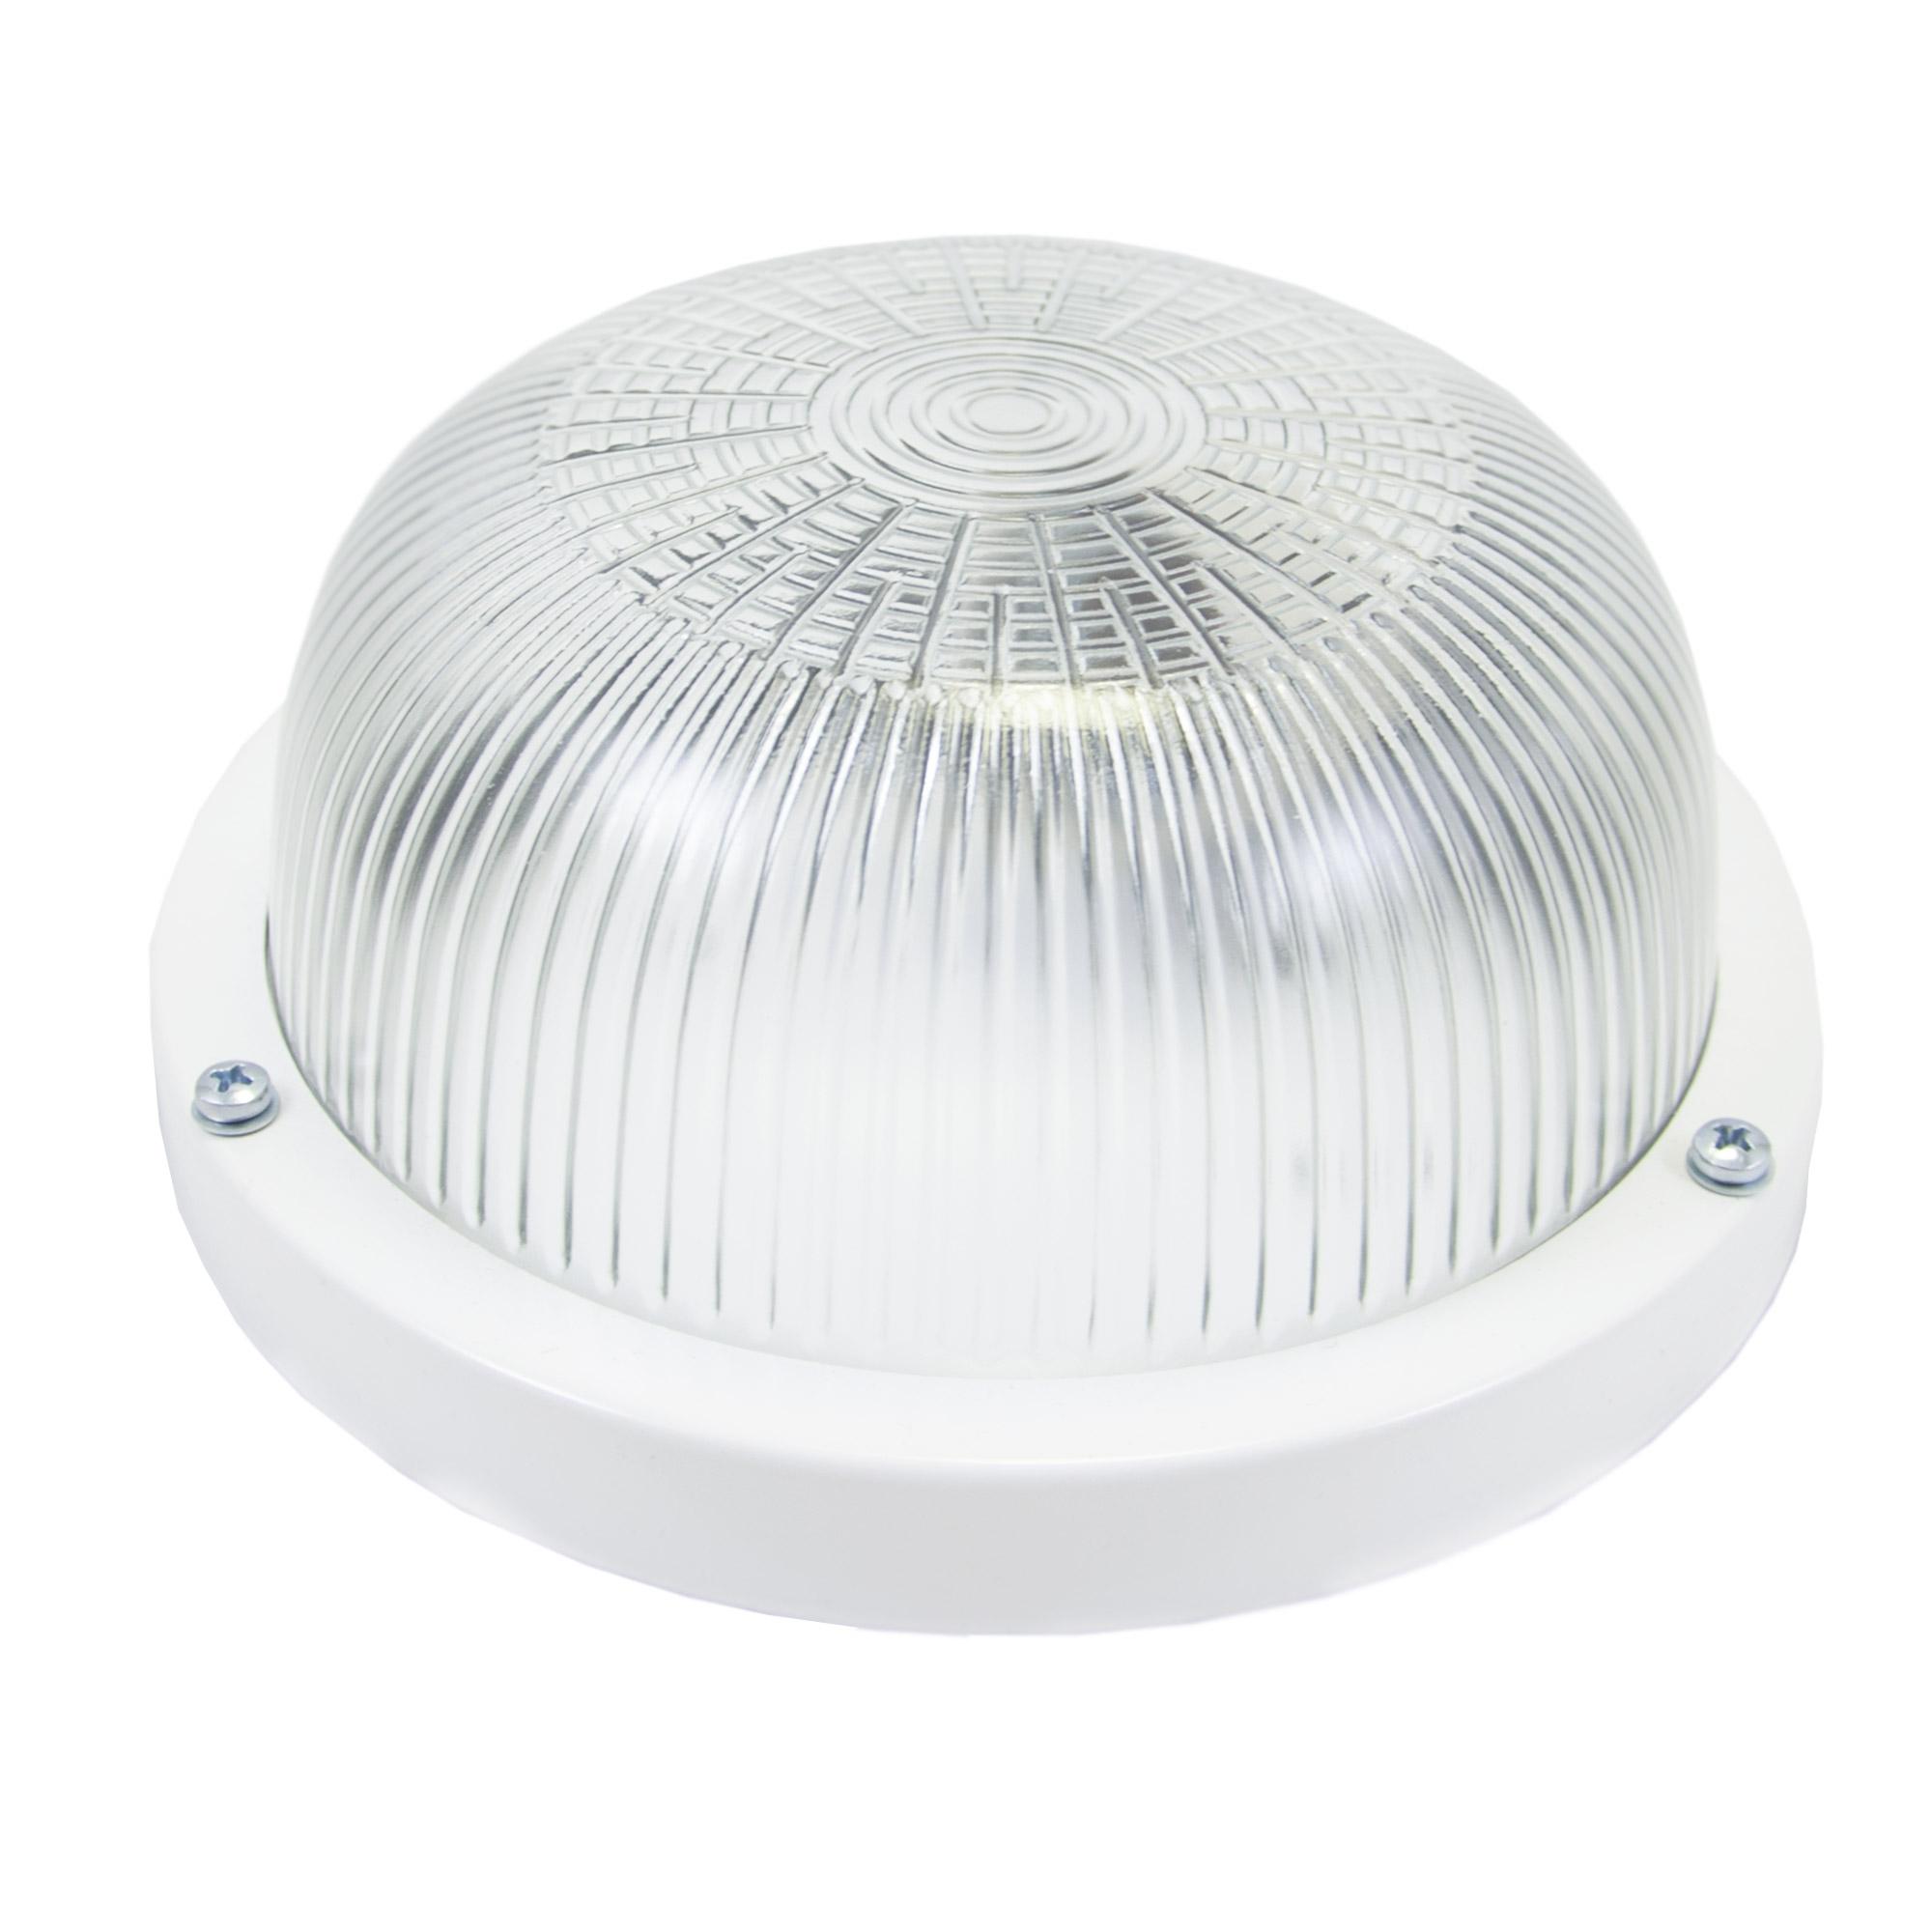 Настенно-потолочный светильник ВЛАДАСВЕТ Луна 1 (прозрачный), E27, 60 Вт